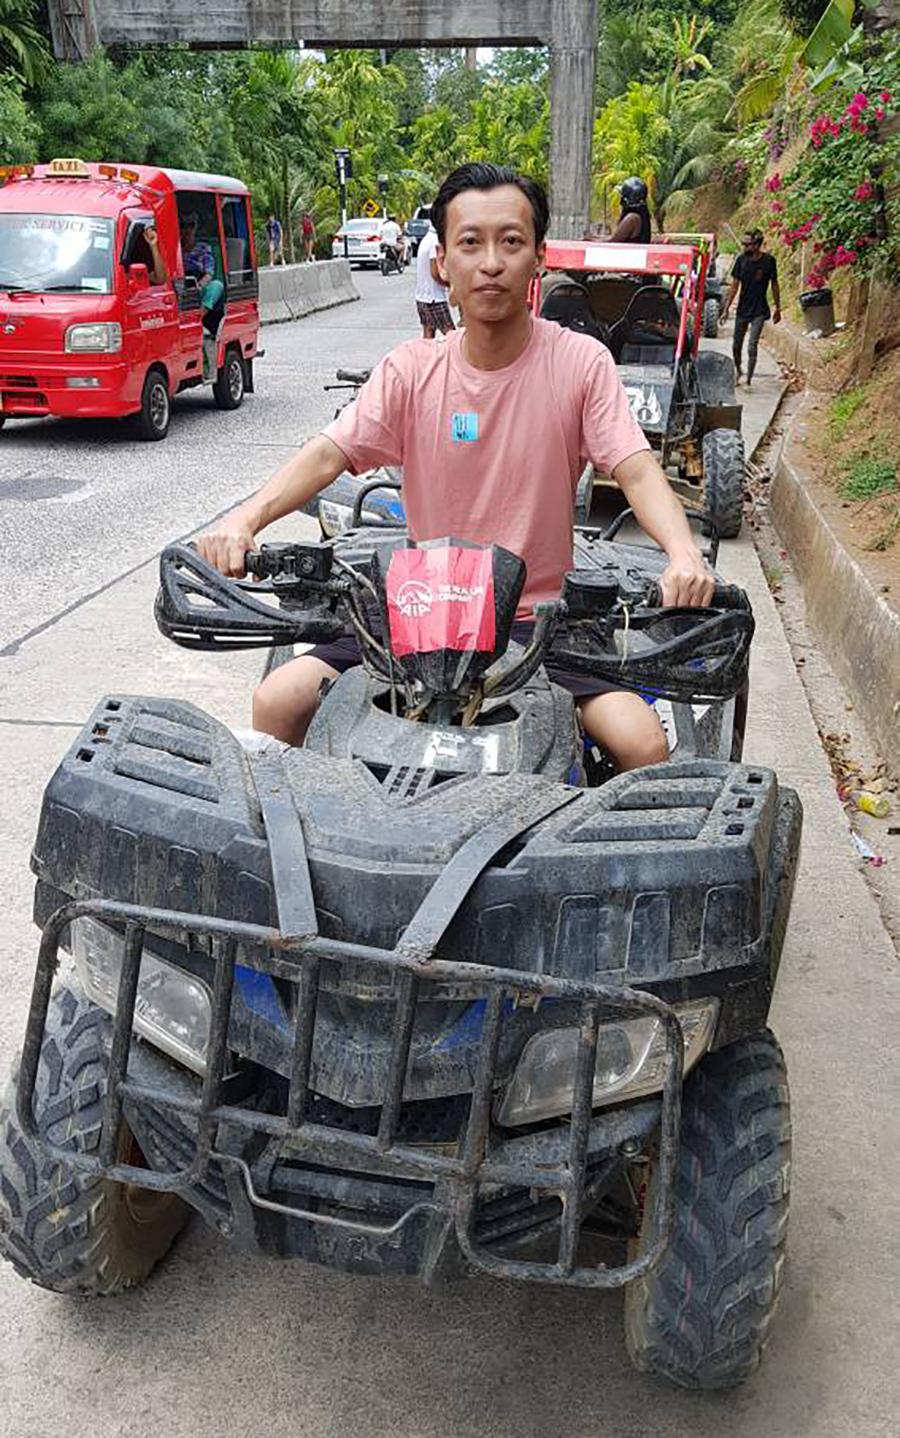 ATV Tour Ride at Phuket